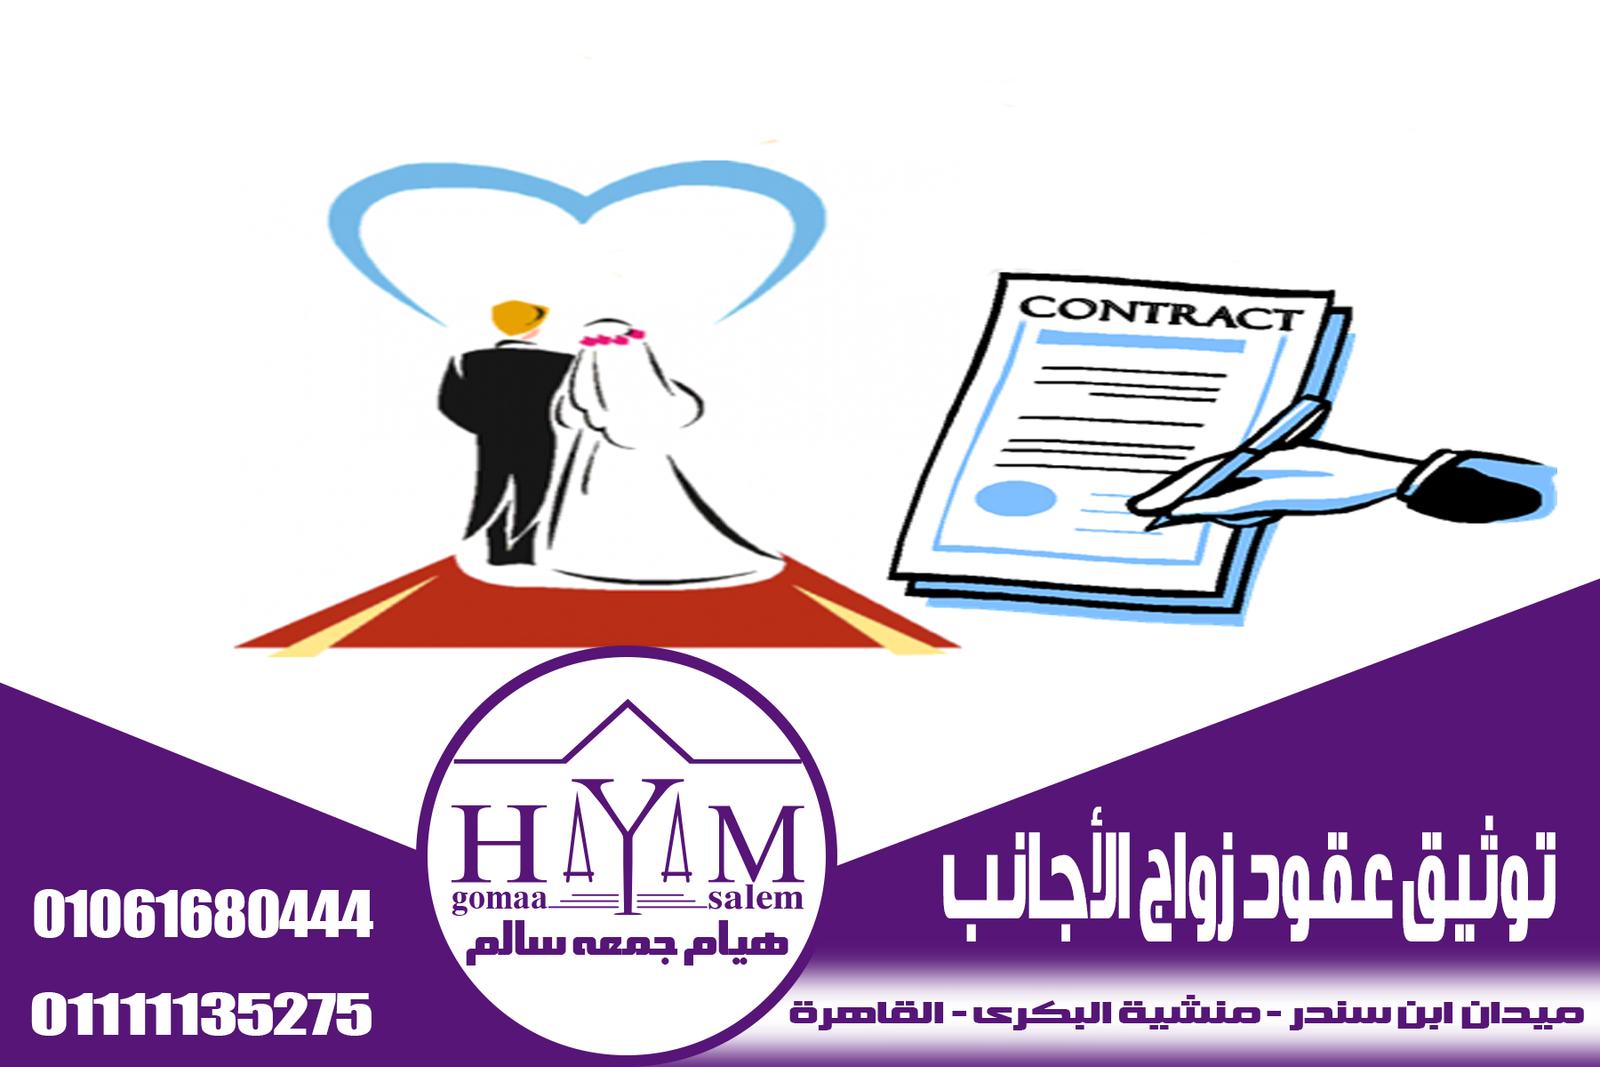 زواج الاجانب في مصر المحامية هيام جمعه سالم 01061680444 – المستندات والأوراق المطلوبة لزواج الاجانب في مصر